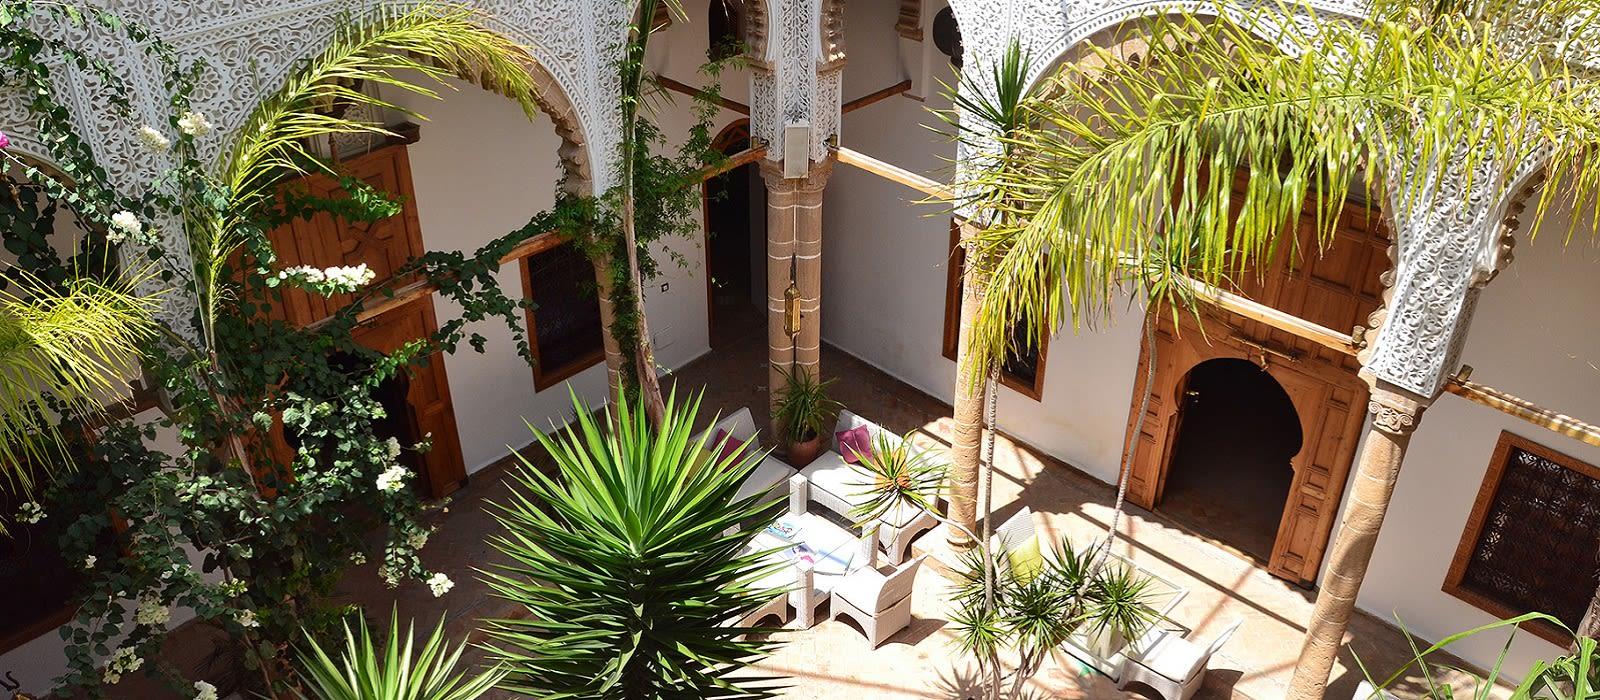 Hotel Riad Kalaa Morocco